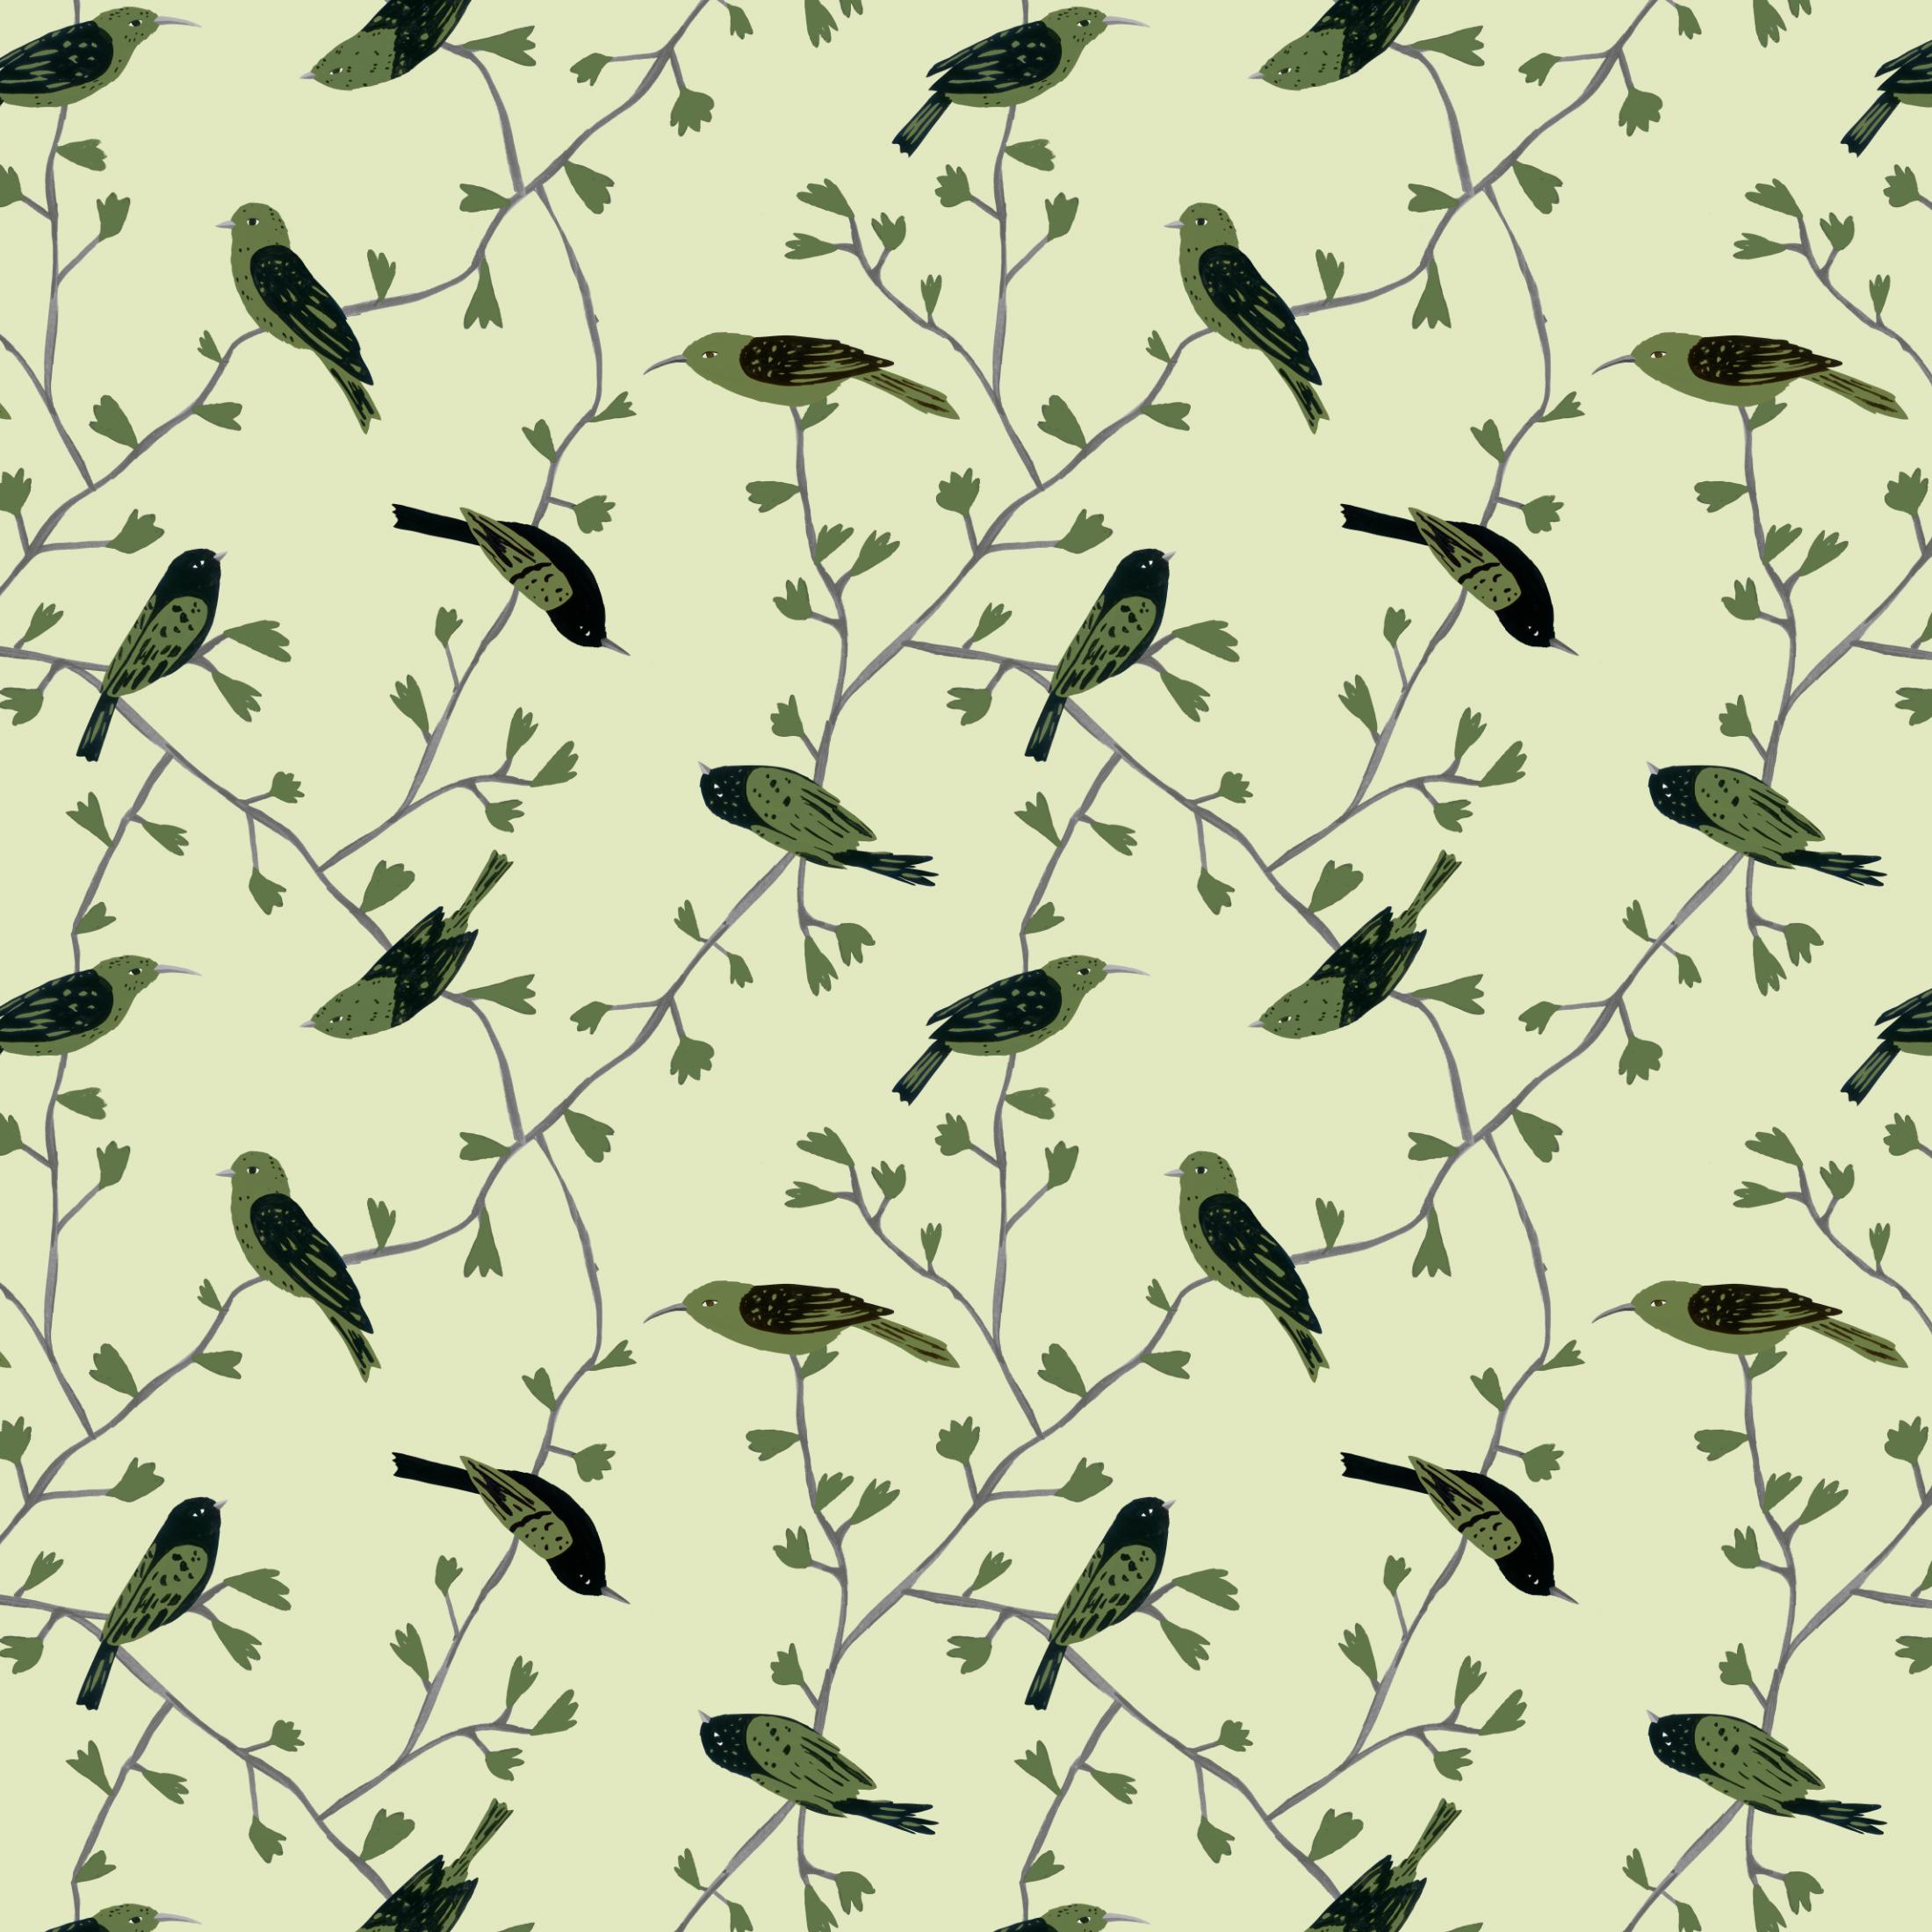 green birds in vines pattern